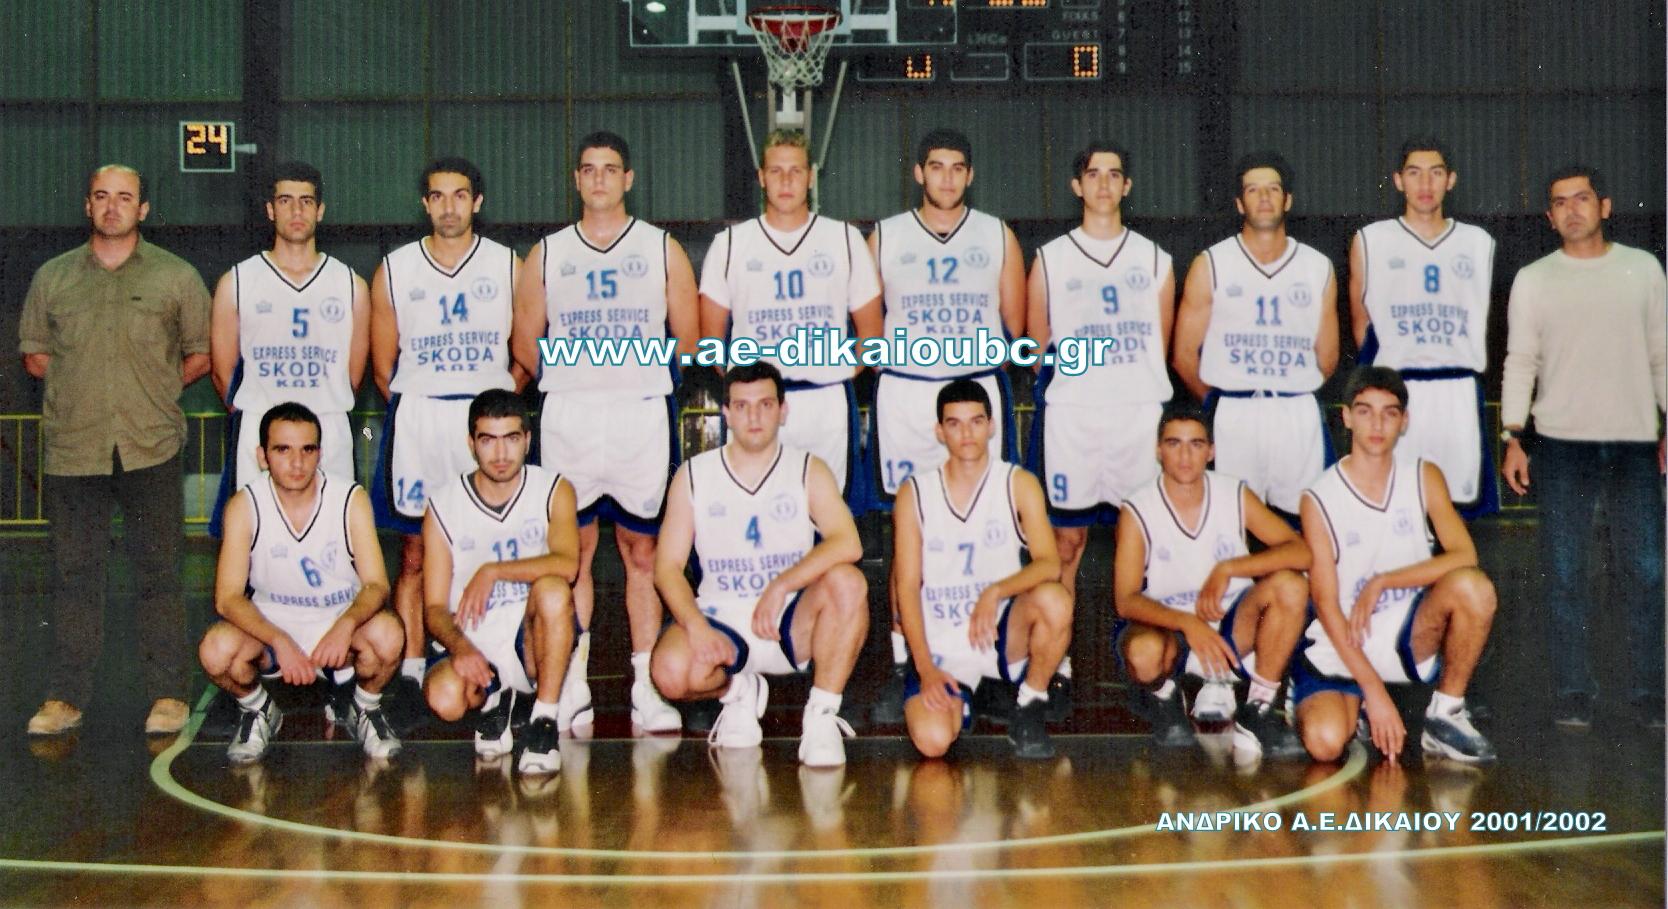 ΑΝΔΡΙΚΟ 2001-2002 ΠΡΩΤΗ ΟΜΑΔΑ ΑΕ ΔΙΚΑΙΟΥ